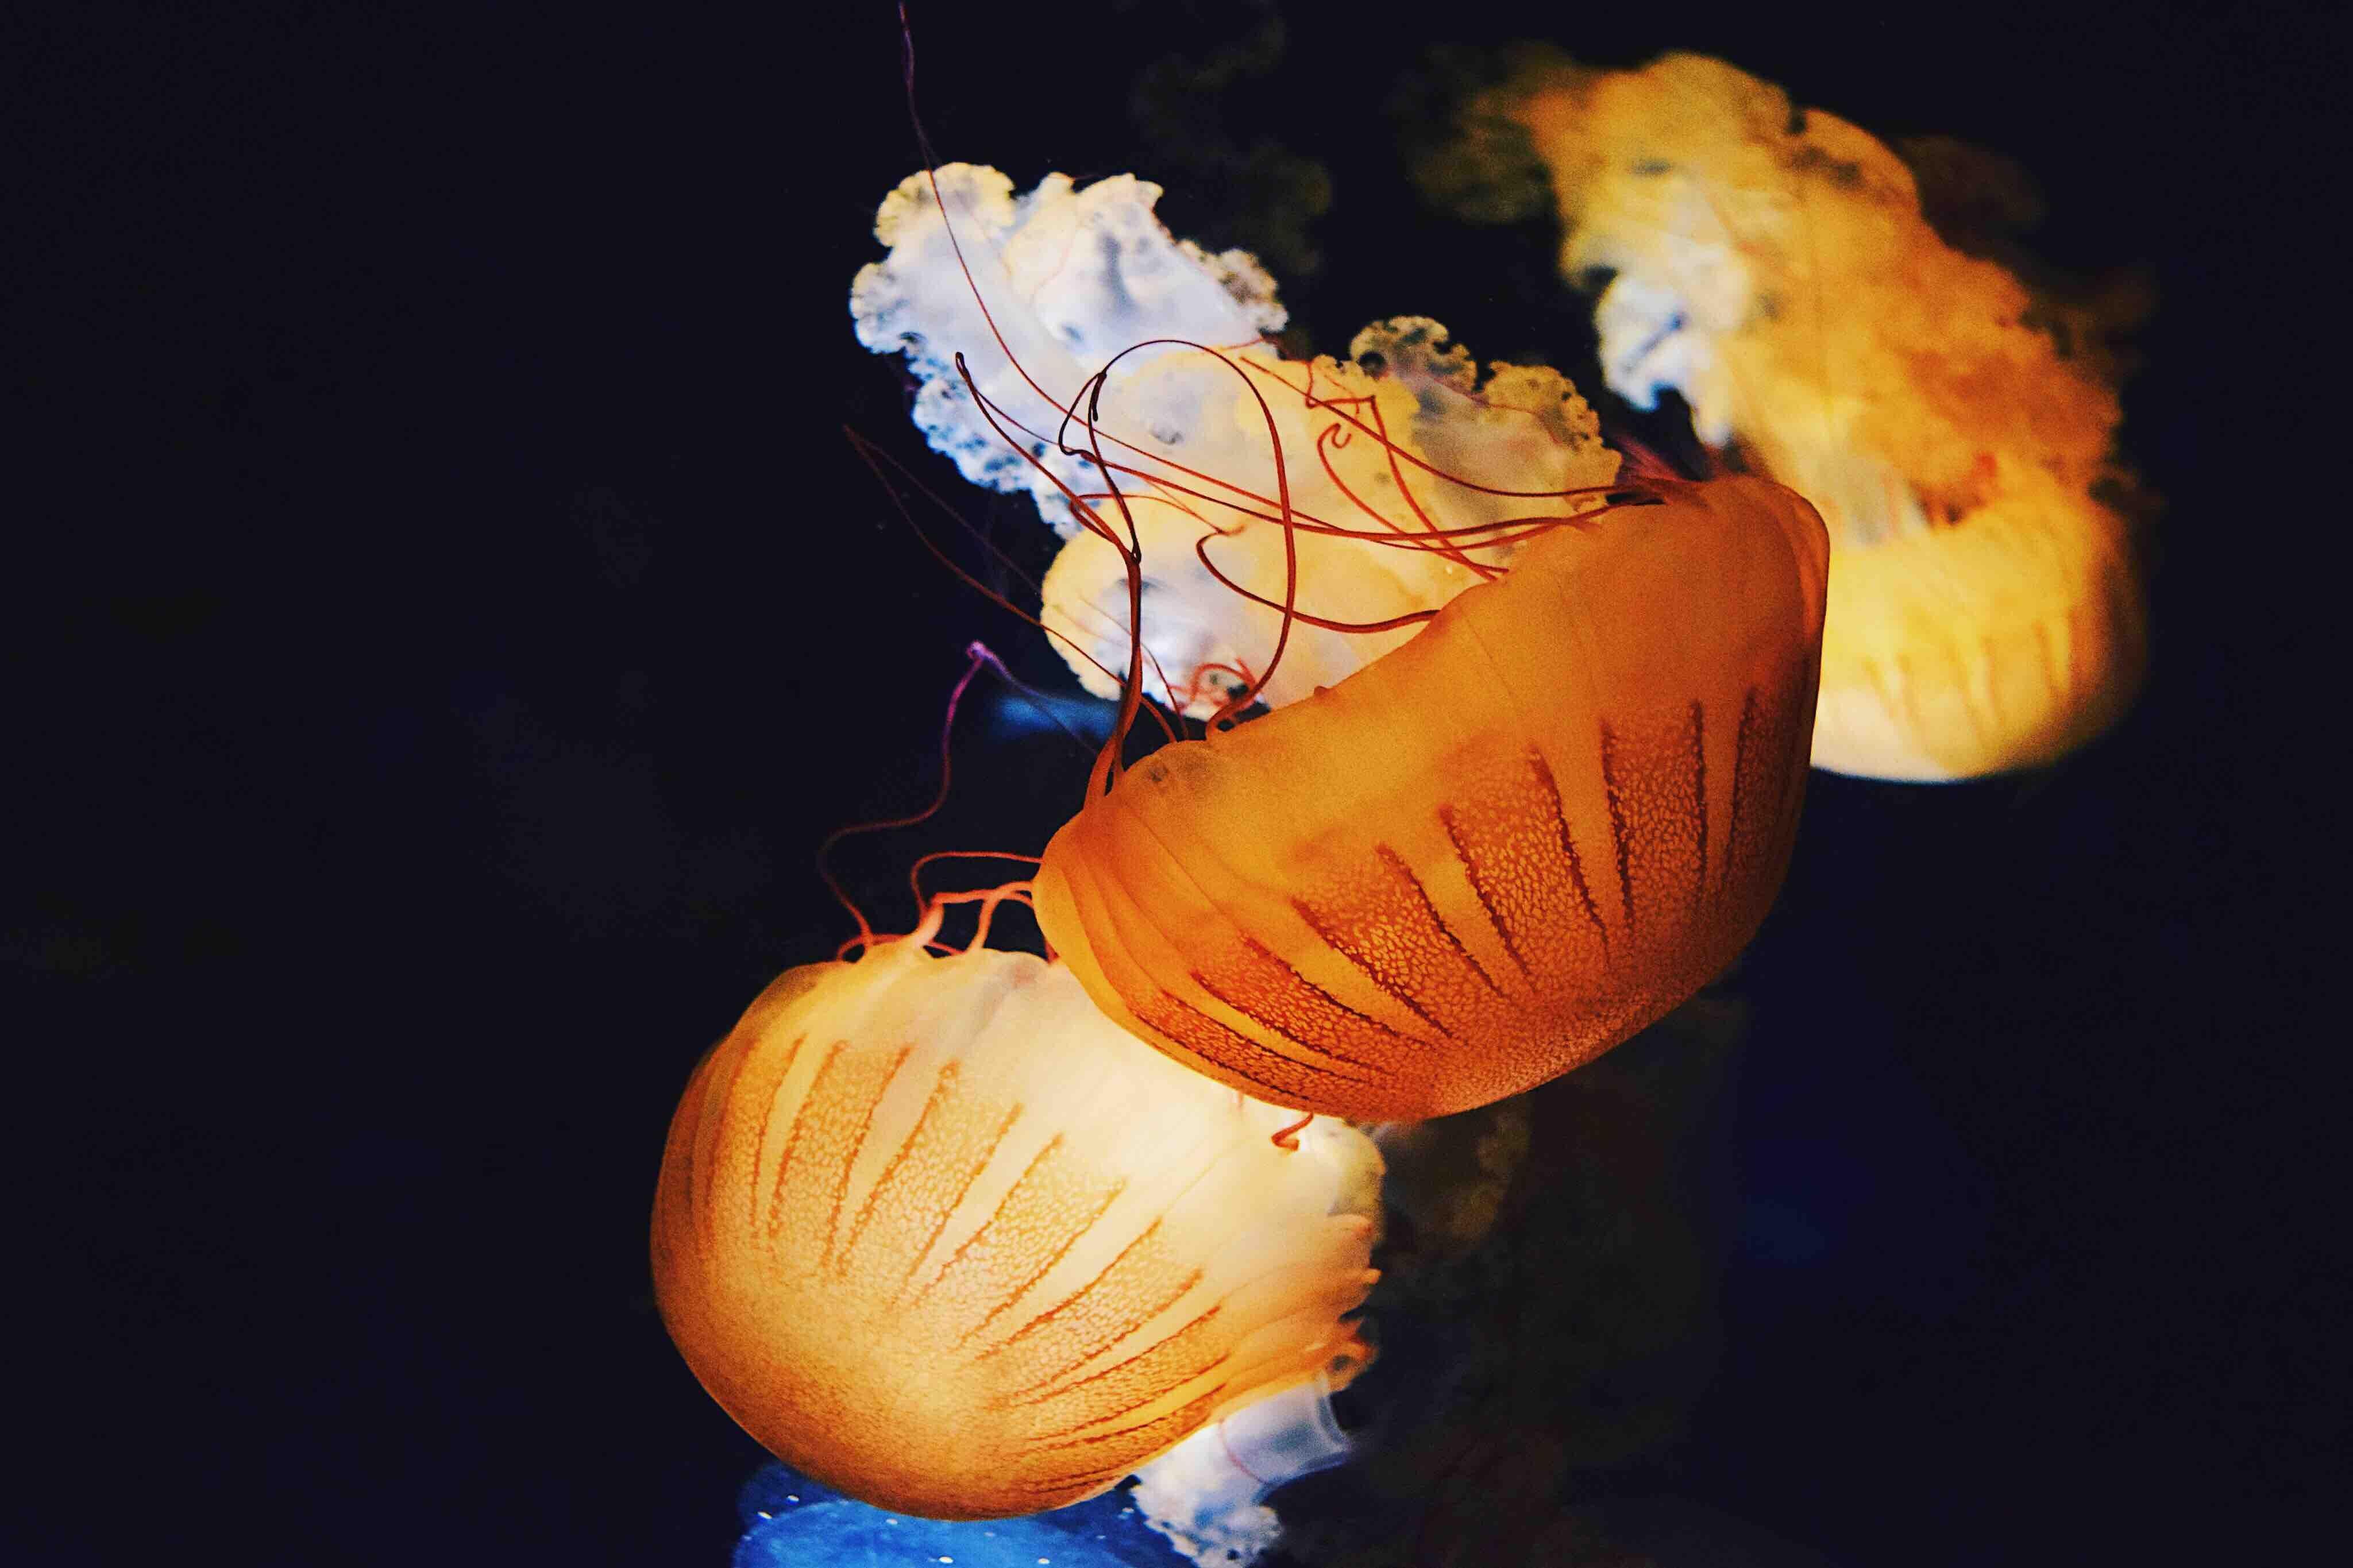 jellyfish swimming underwater